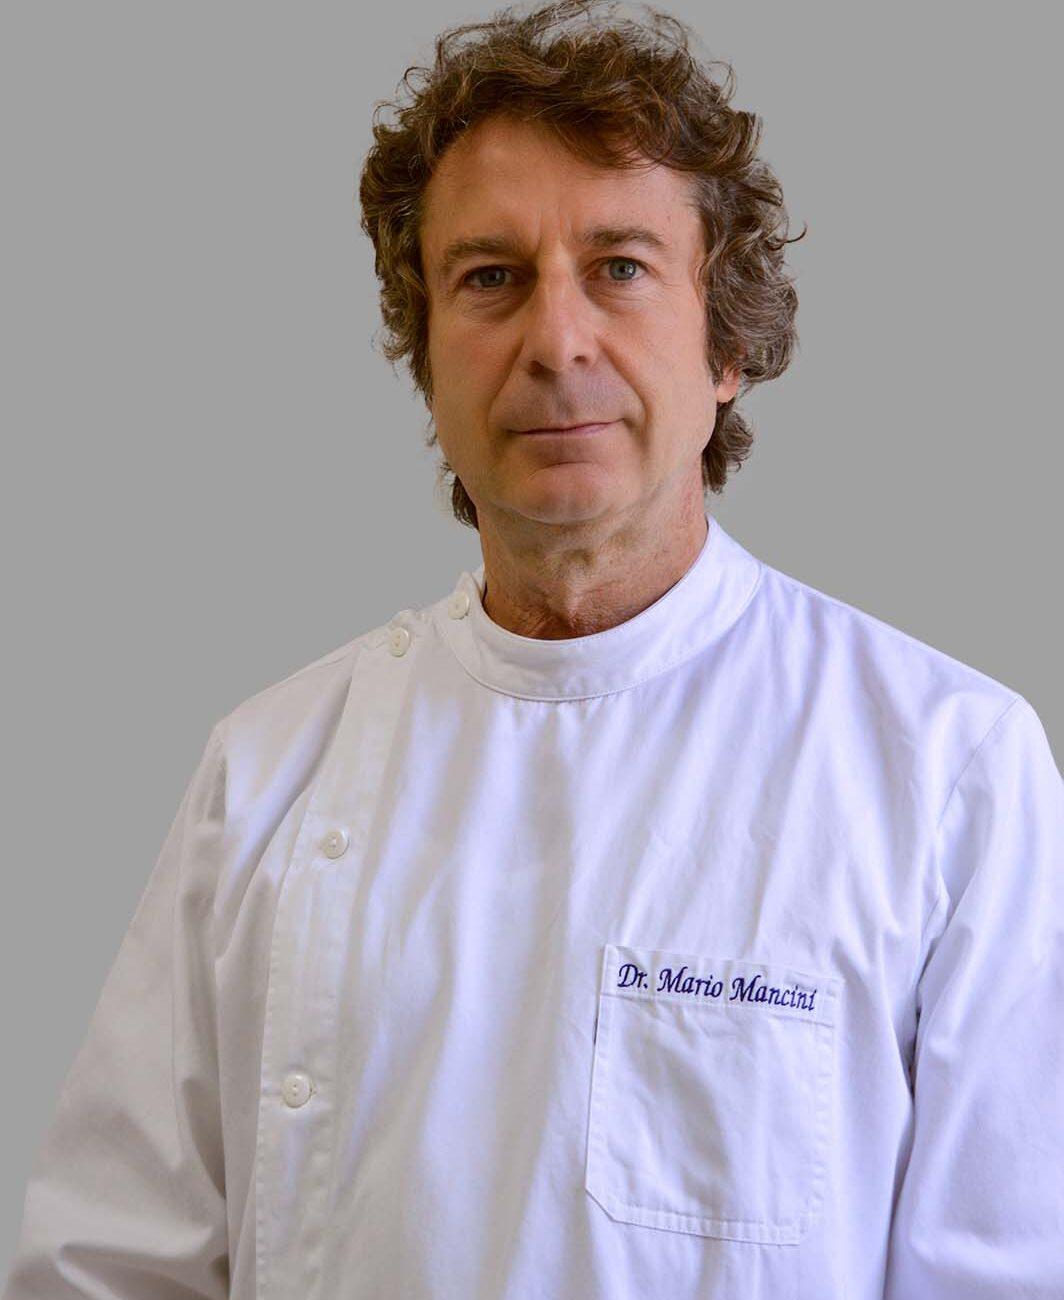 Dott. Mario Mancini